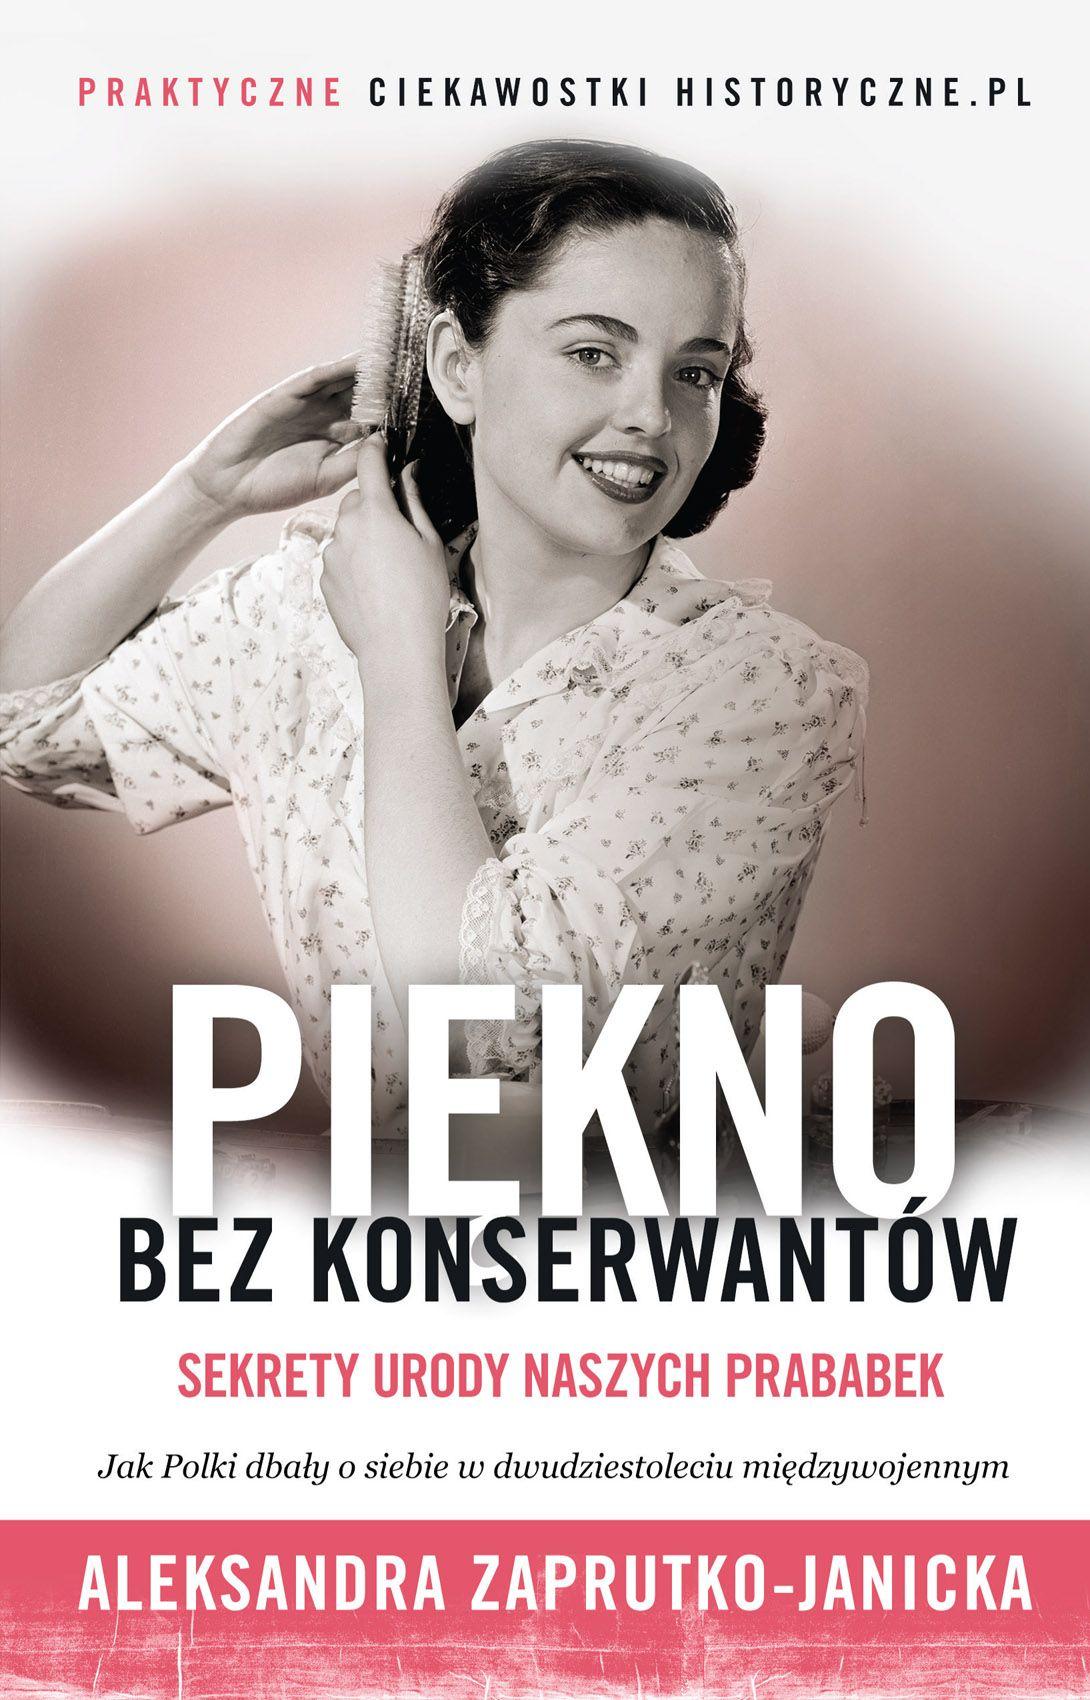 """""""Piękno bez konserwantów"""" Aleksandry Zaprutko-Janickiej możecie kupić już 19 września. I to z rabatem 40%!"""